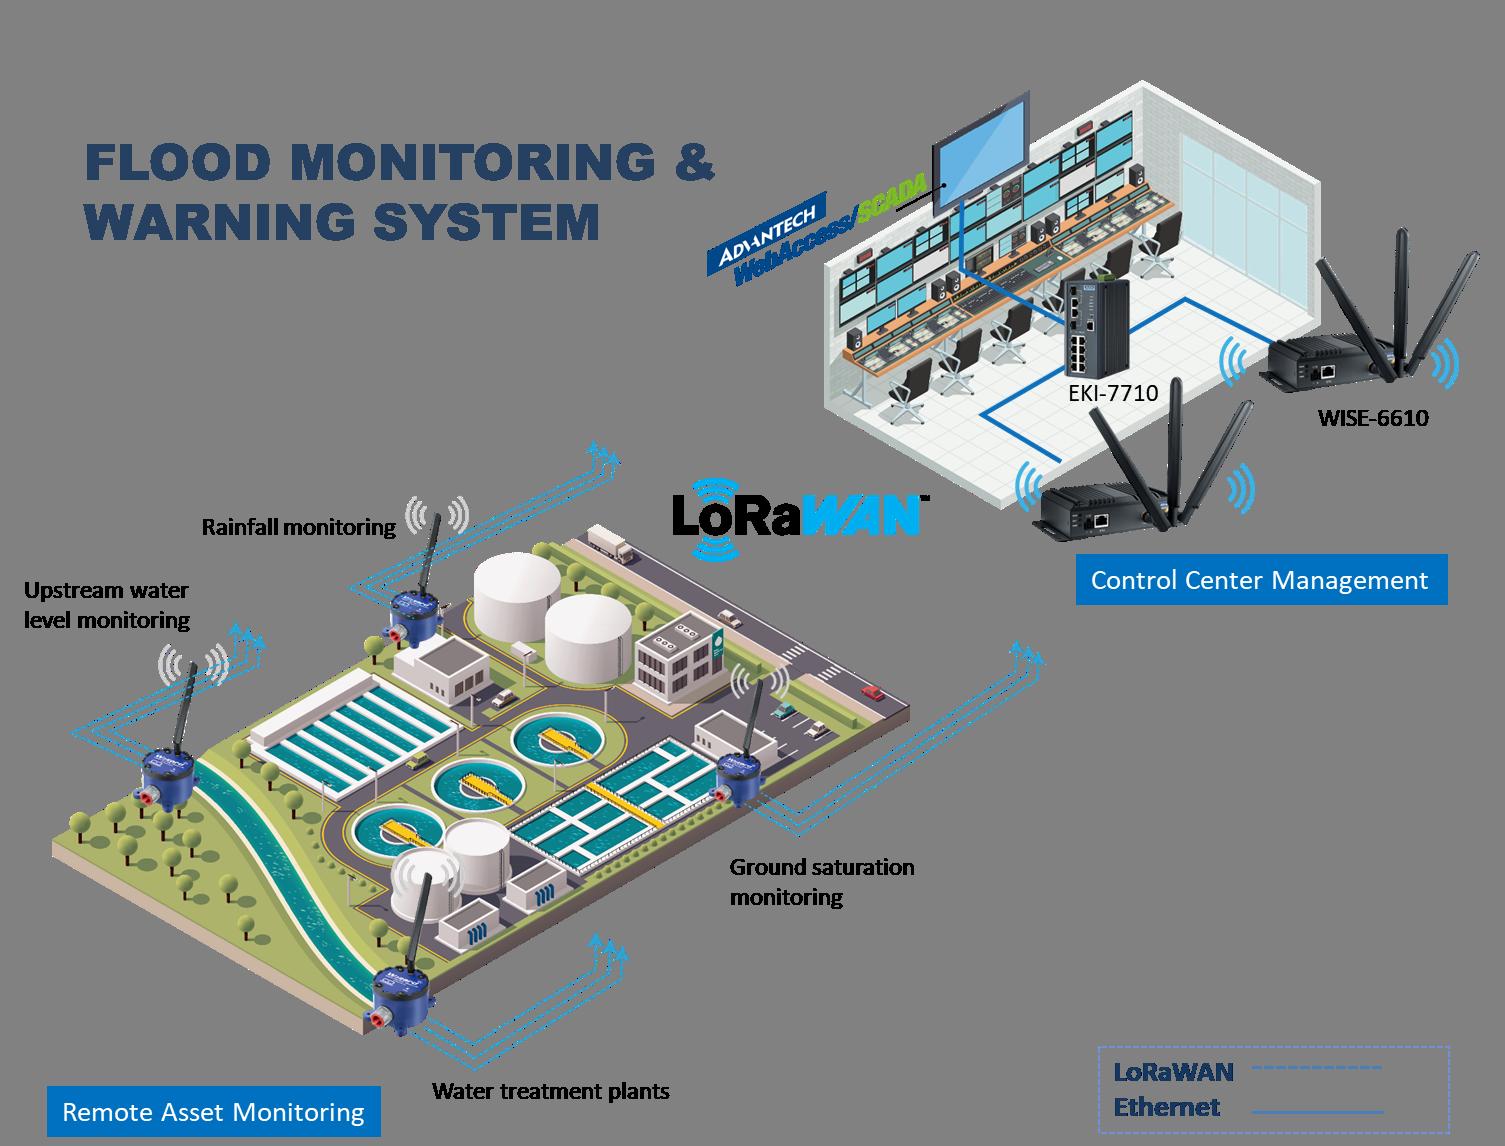 Giải pháp LoRaWAN của Advantech cho hệ thống theo dõi và cảnh báo lũ lụt -  Advantech